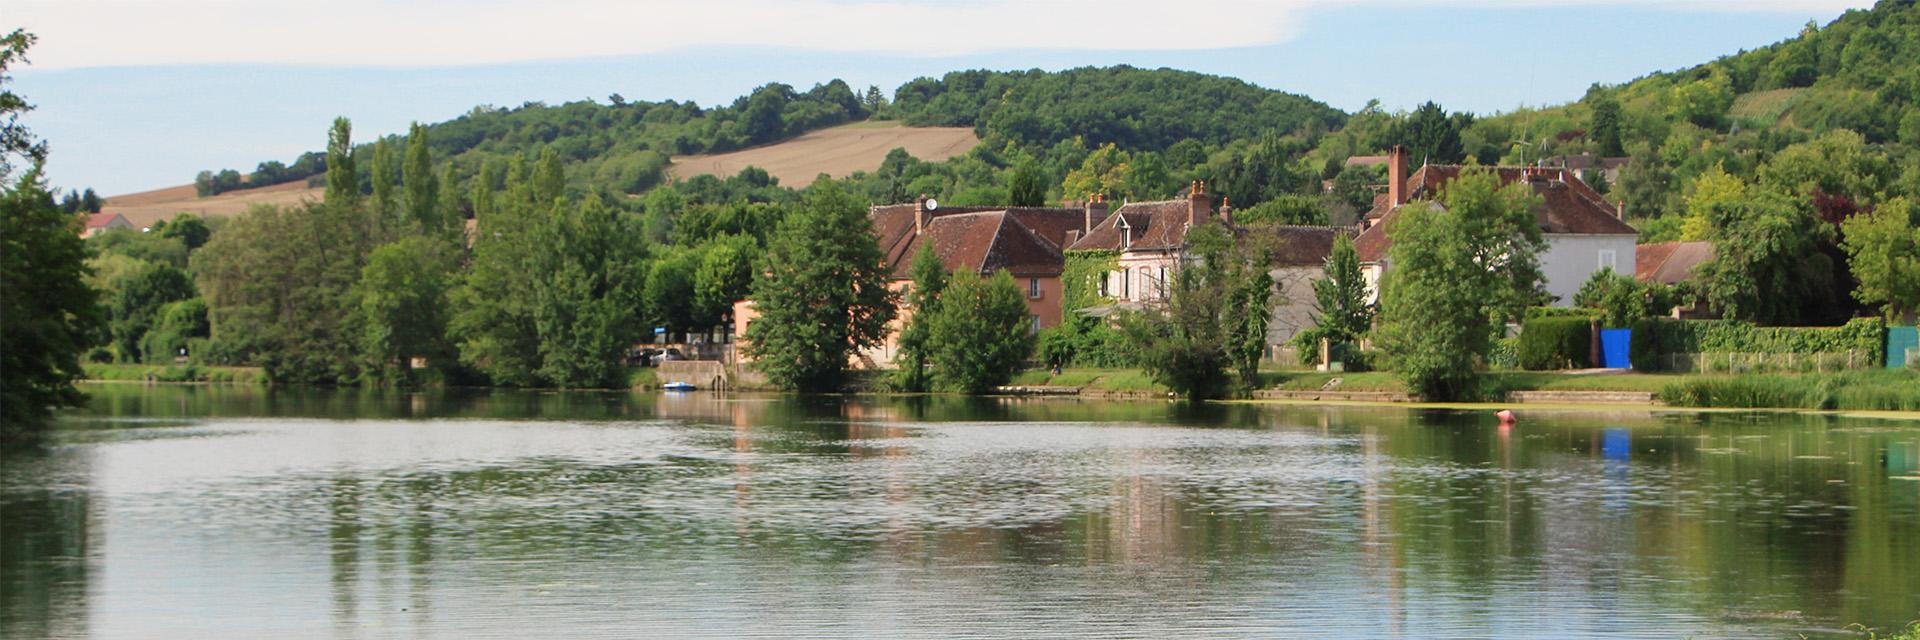 Village_club_vacances_centre-loire-et-bourgogne-la-vallee-de-yonne-village-au-bord